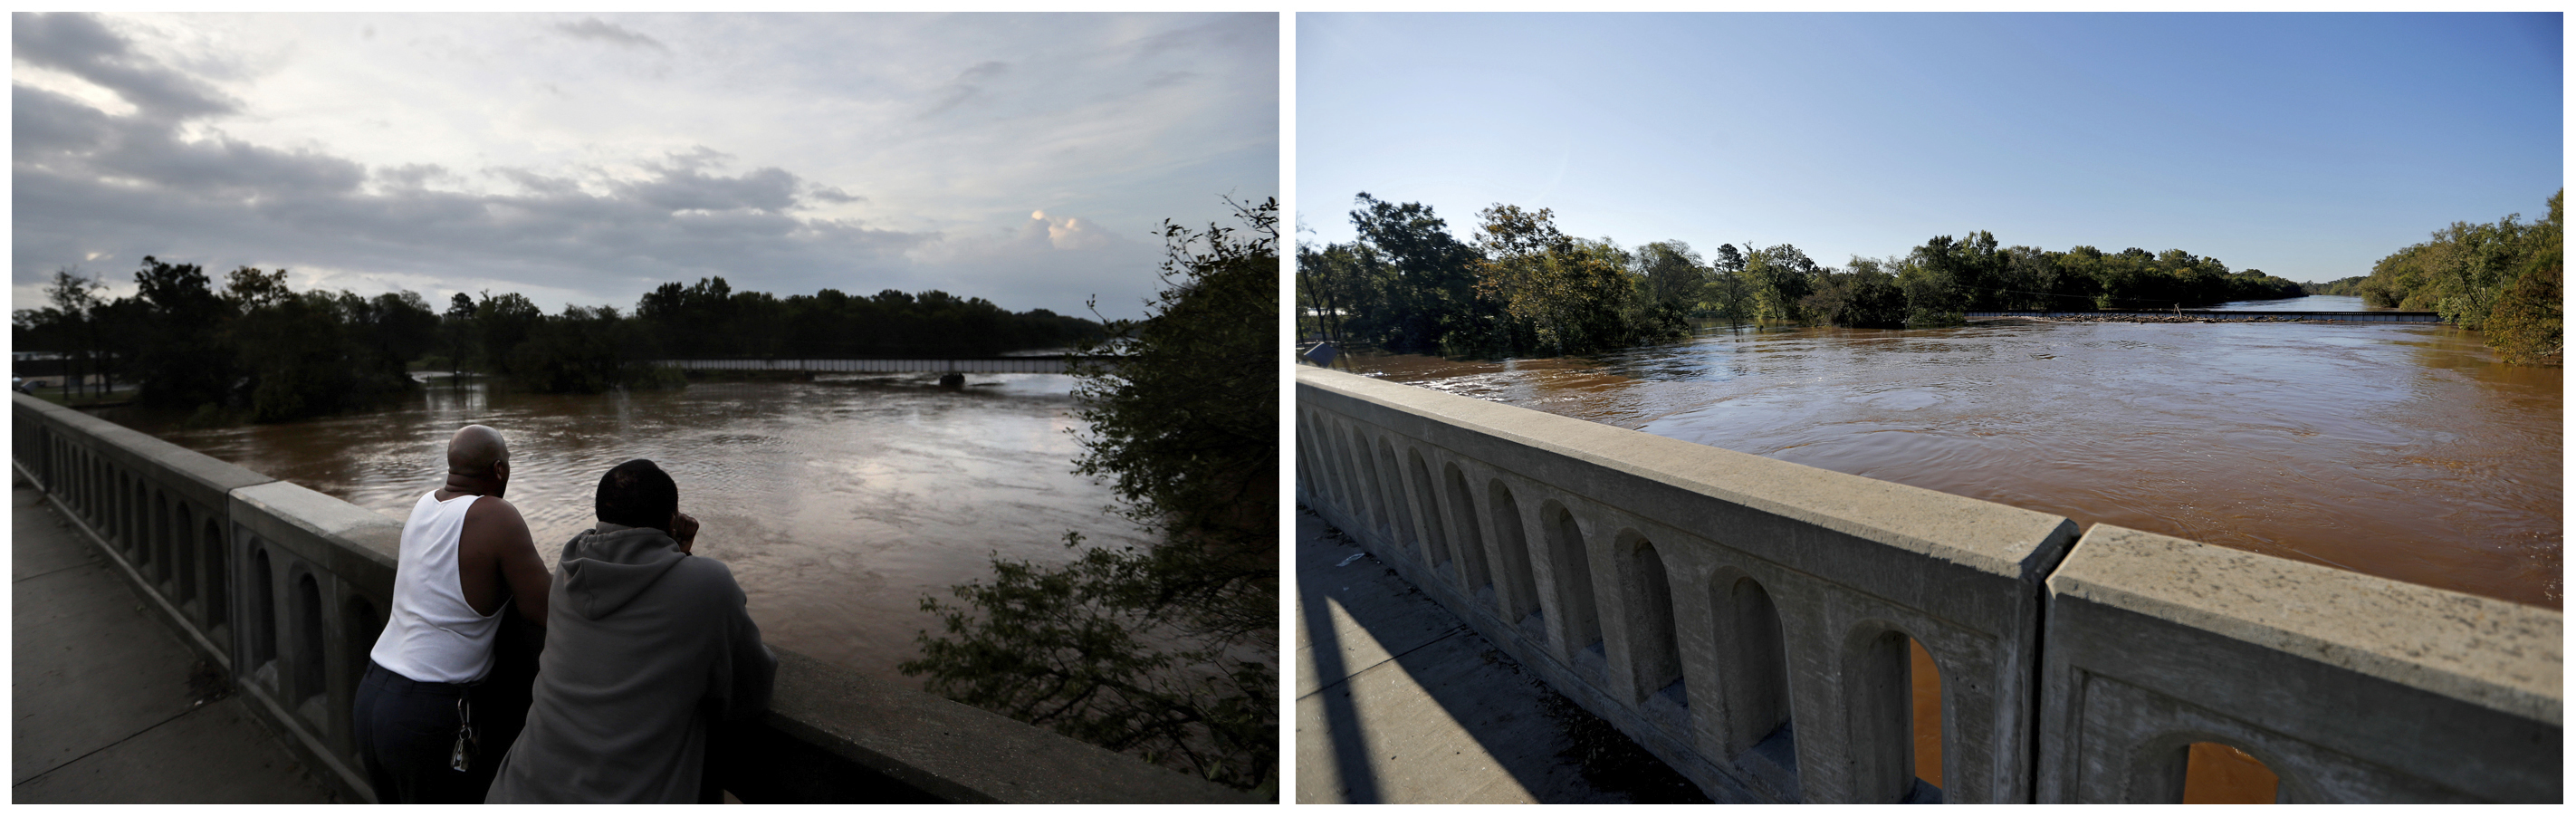 Esta combinación de fotografías muestra el río Cape Fear el 17 de septiembre de 2018, a la izquierda, y después del paso del huracán Florence, el 19 de septiembre, en Fayetteville, Carolina del Norte. (AP Fotos/David Goldman)